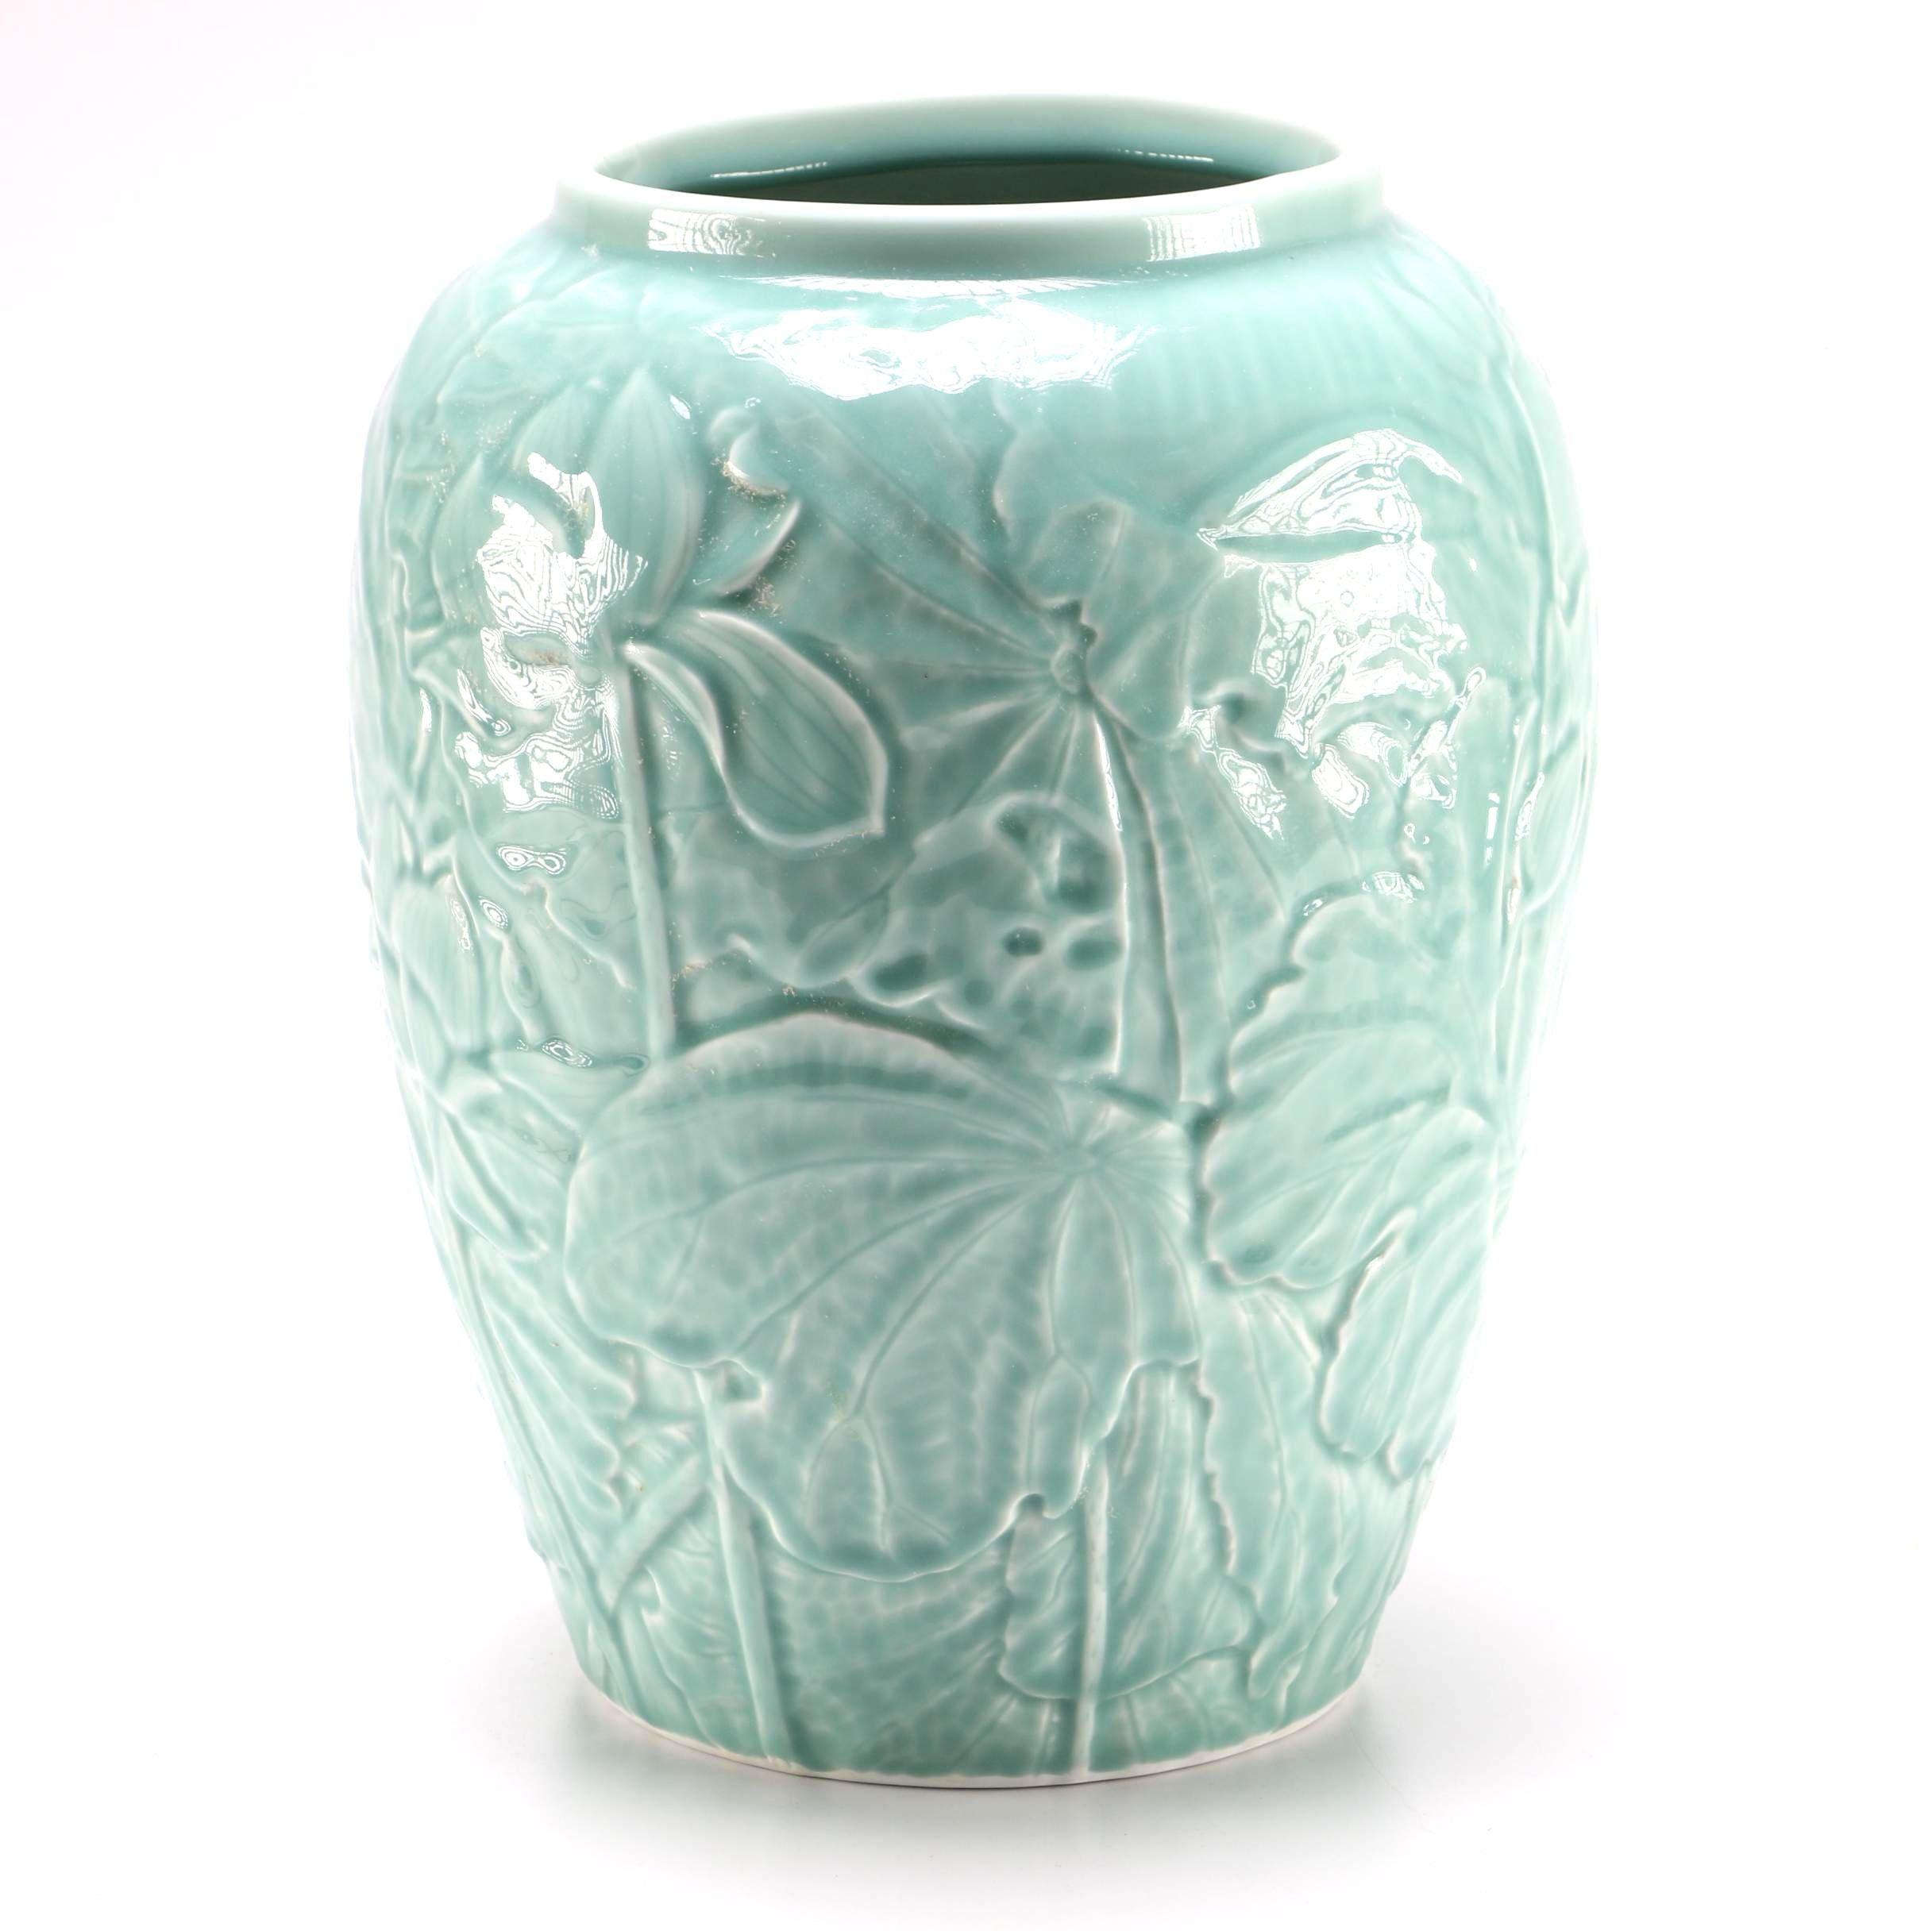 Korean Floral Porcelain Vase